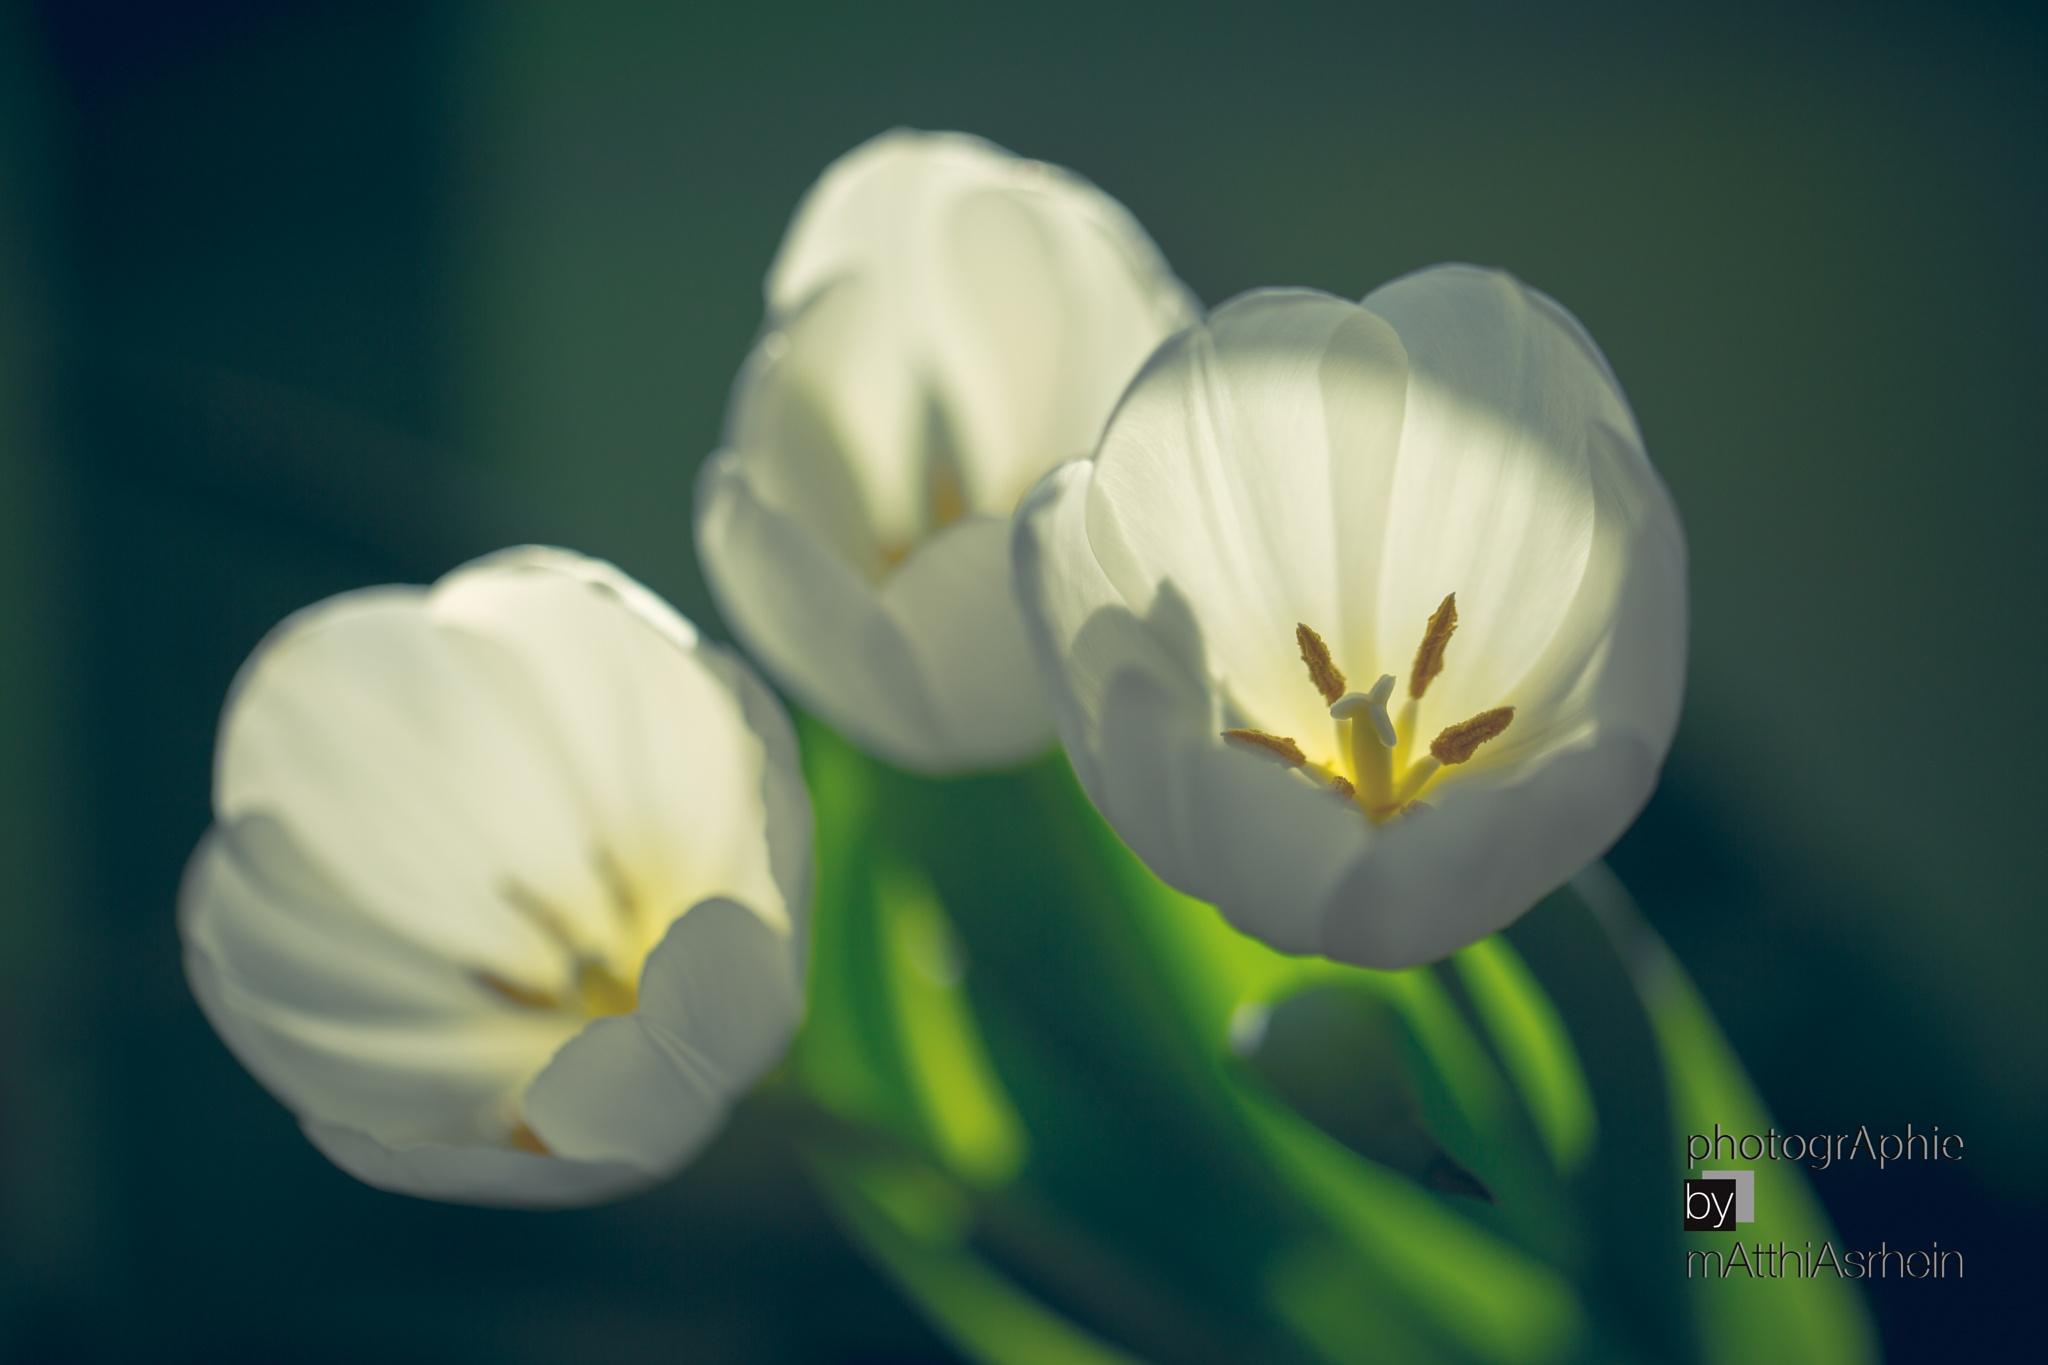 Tulips 1 by MatthiasRhein